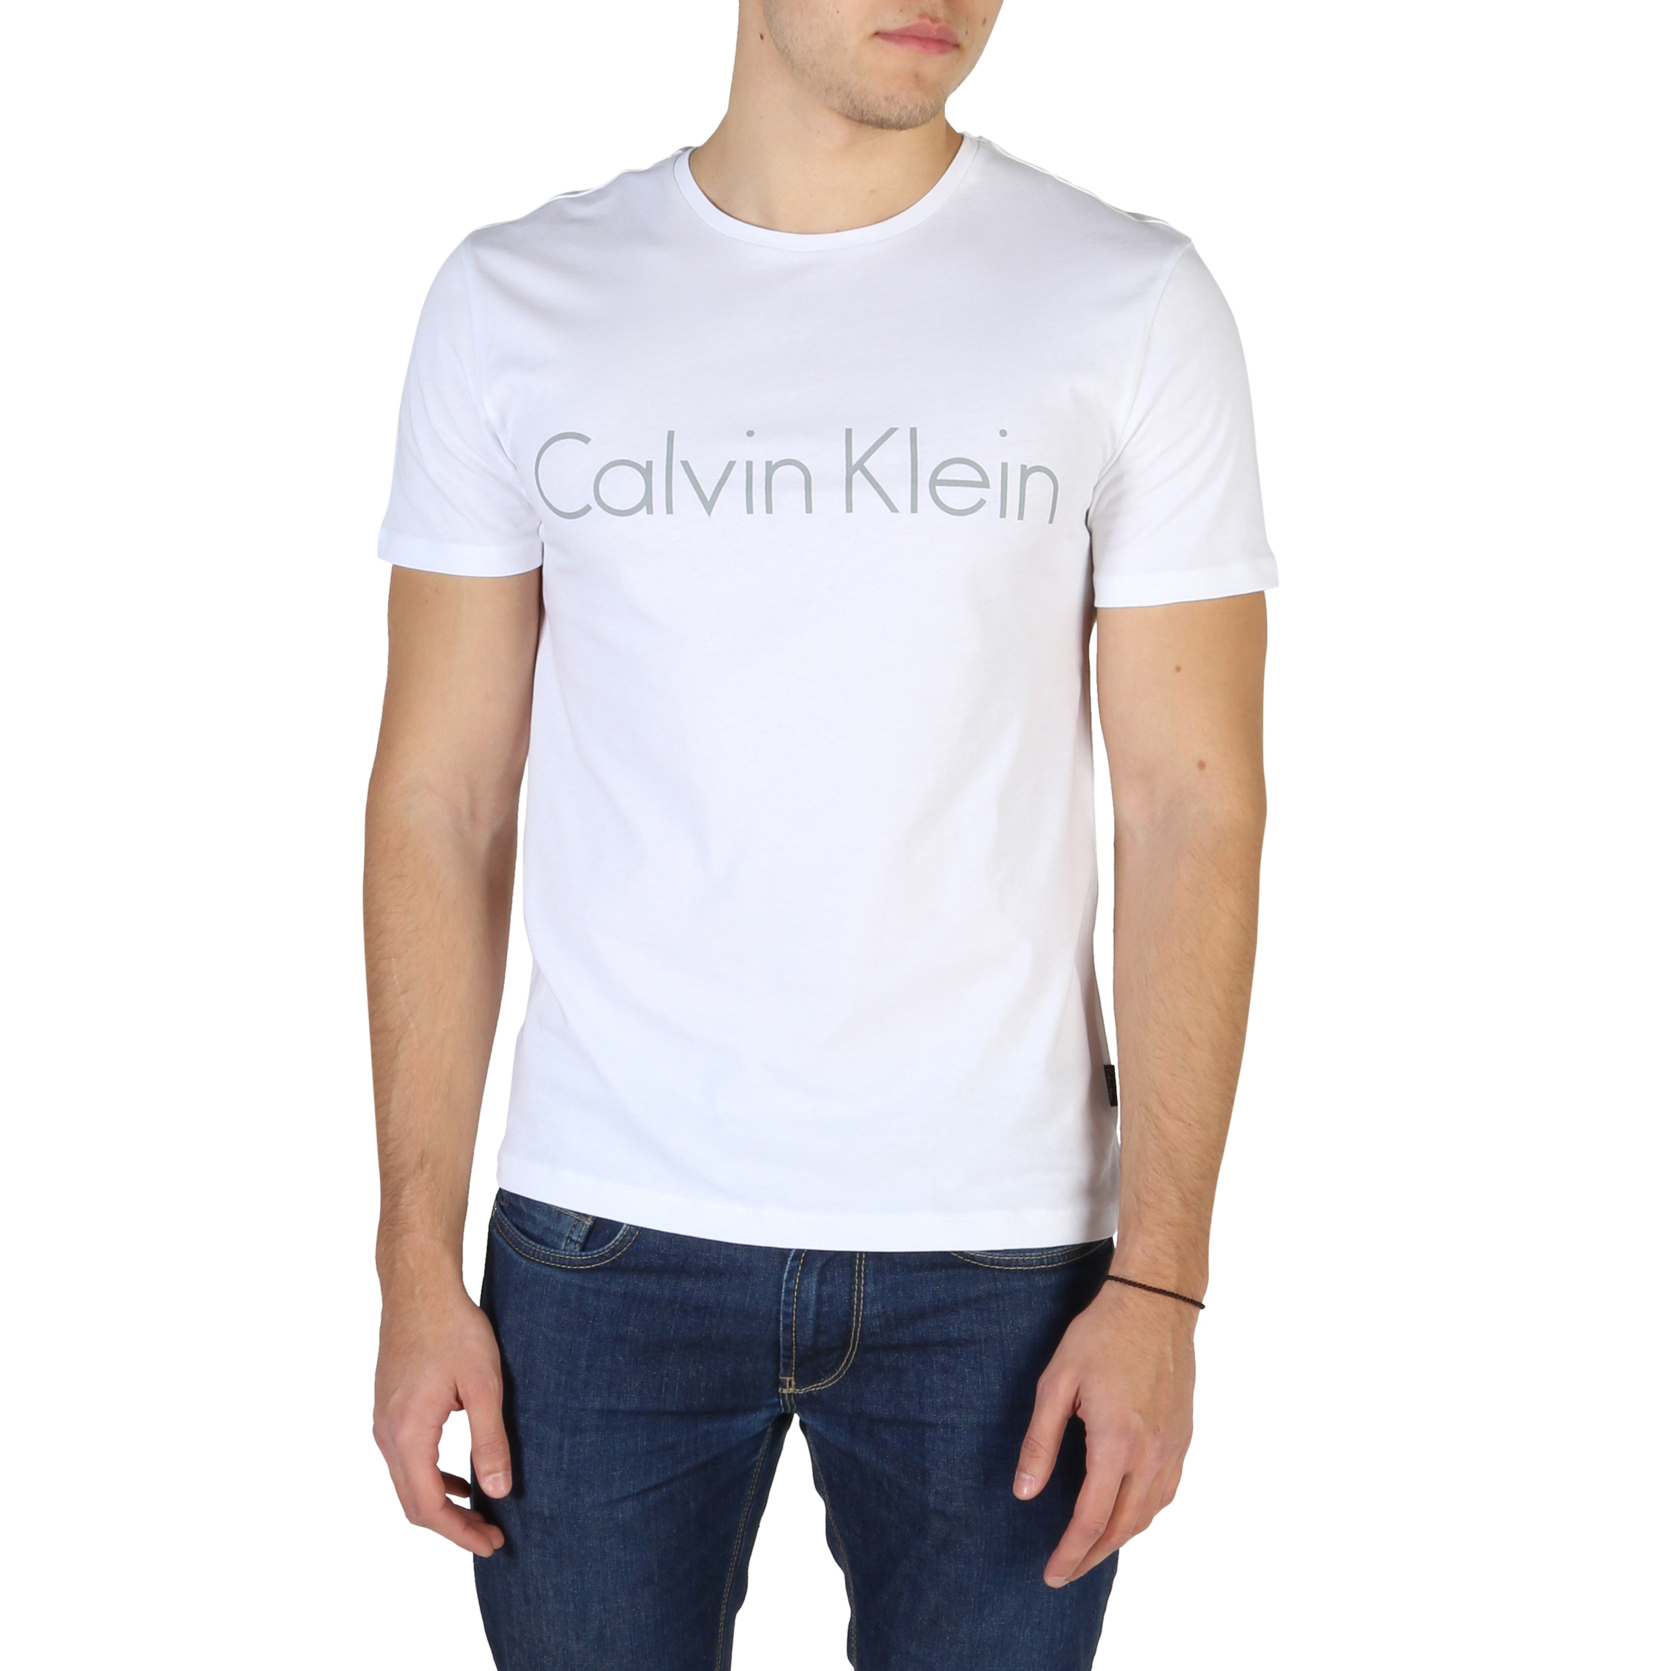 T-SHIRT-Calvin-Klein-K10K100410-Uomo-Bianco-104182-CASUAL-VINTAGE